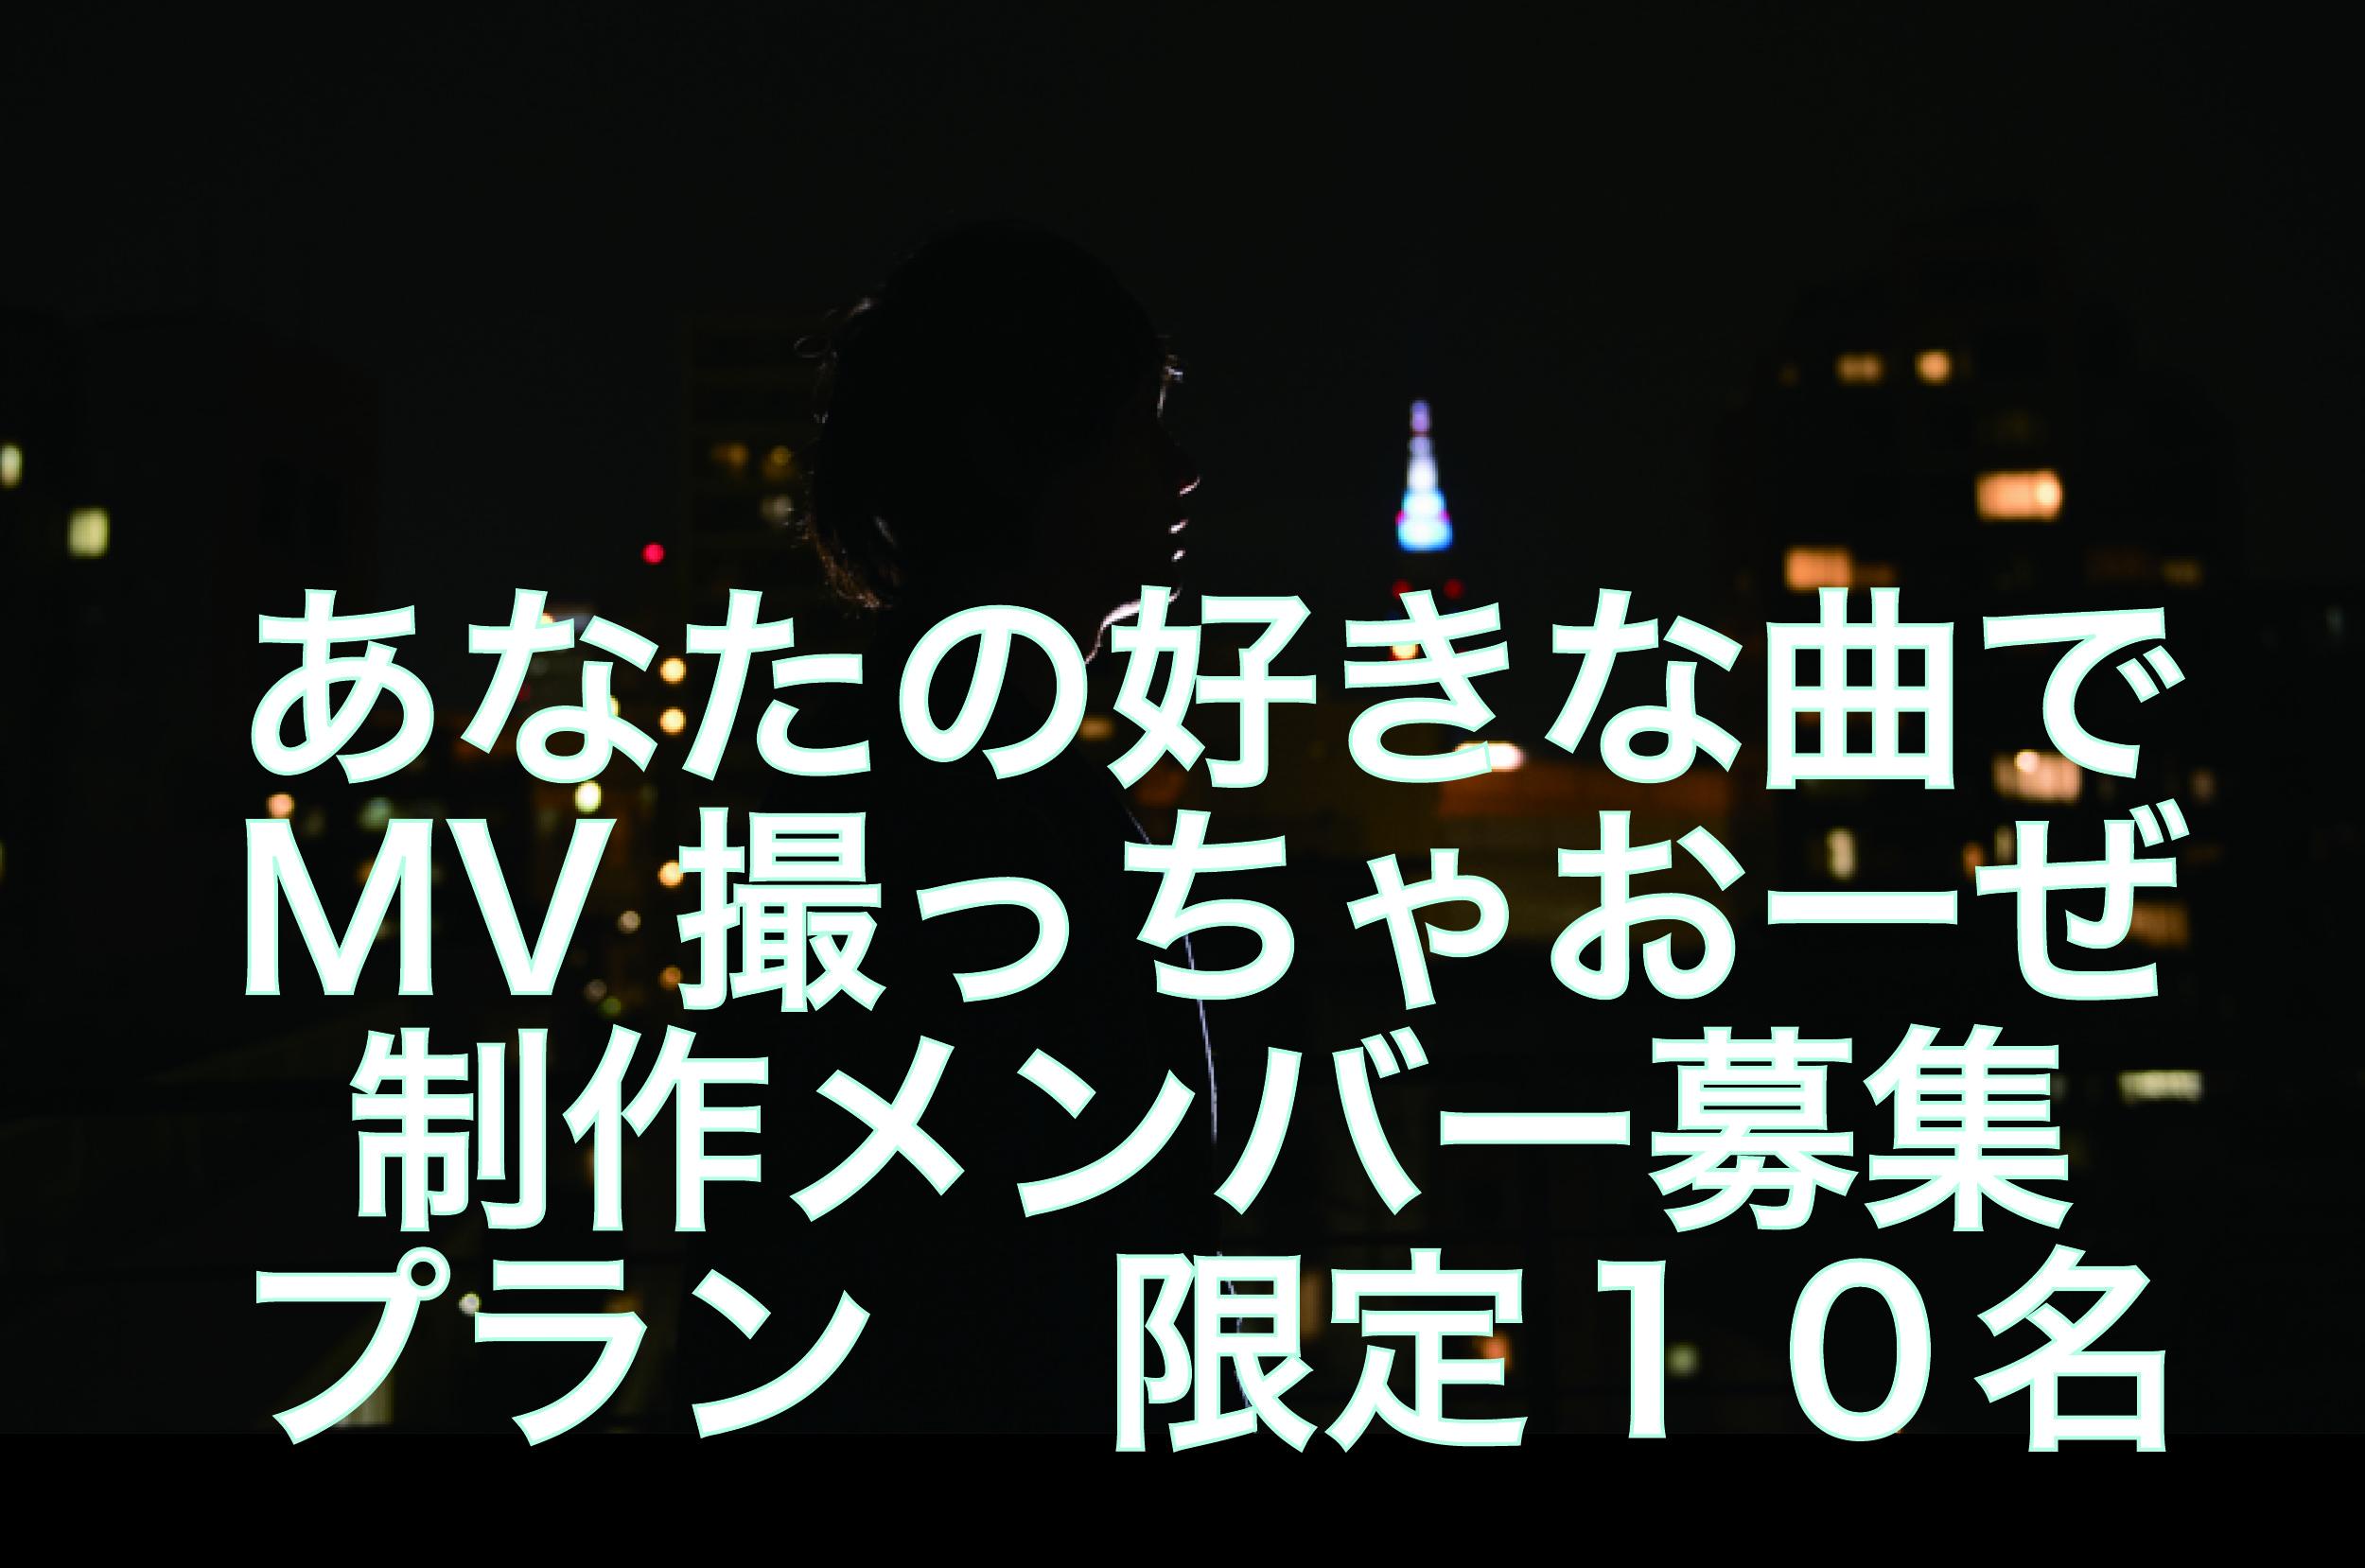 <あなたの好きな曲でMV撮っちゃおーぜ、制作メンバー募集>限定10名